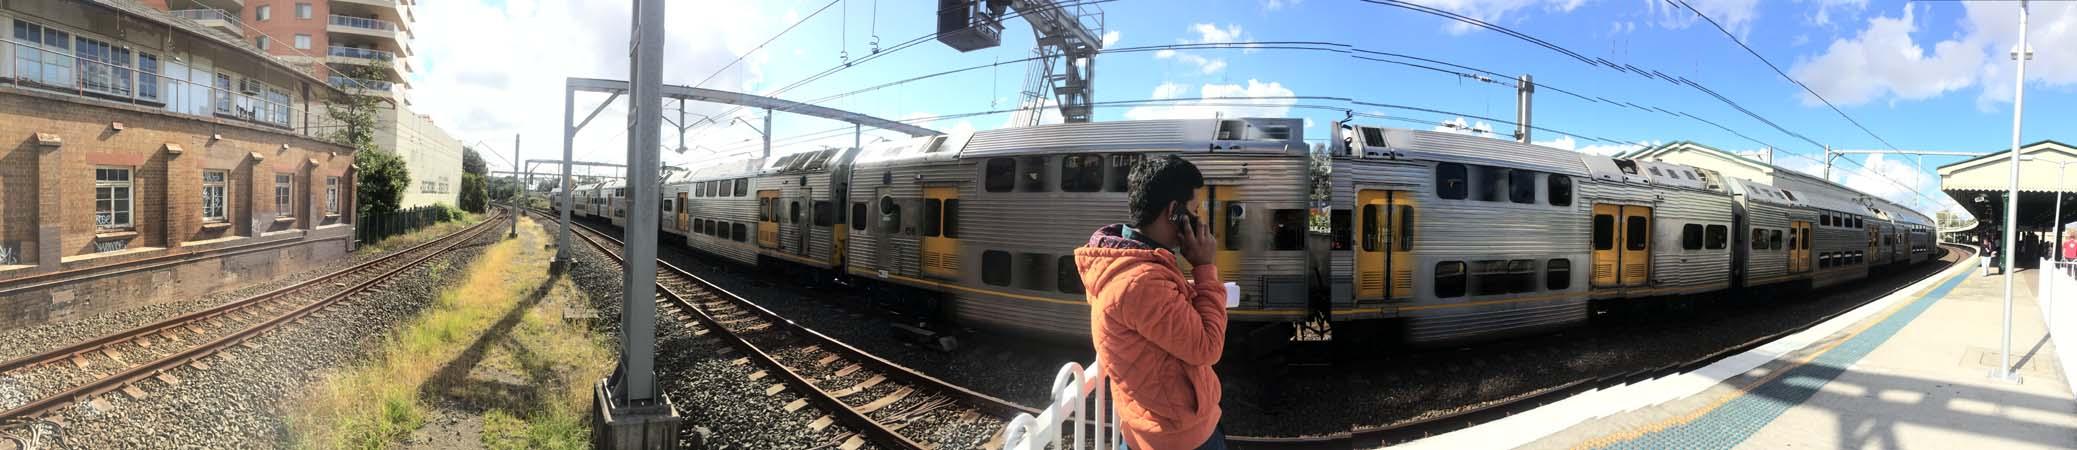 02 Sydney Railway Track Wide Shot Rail in Sydney Railways Train on Track